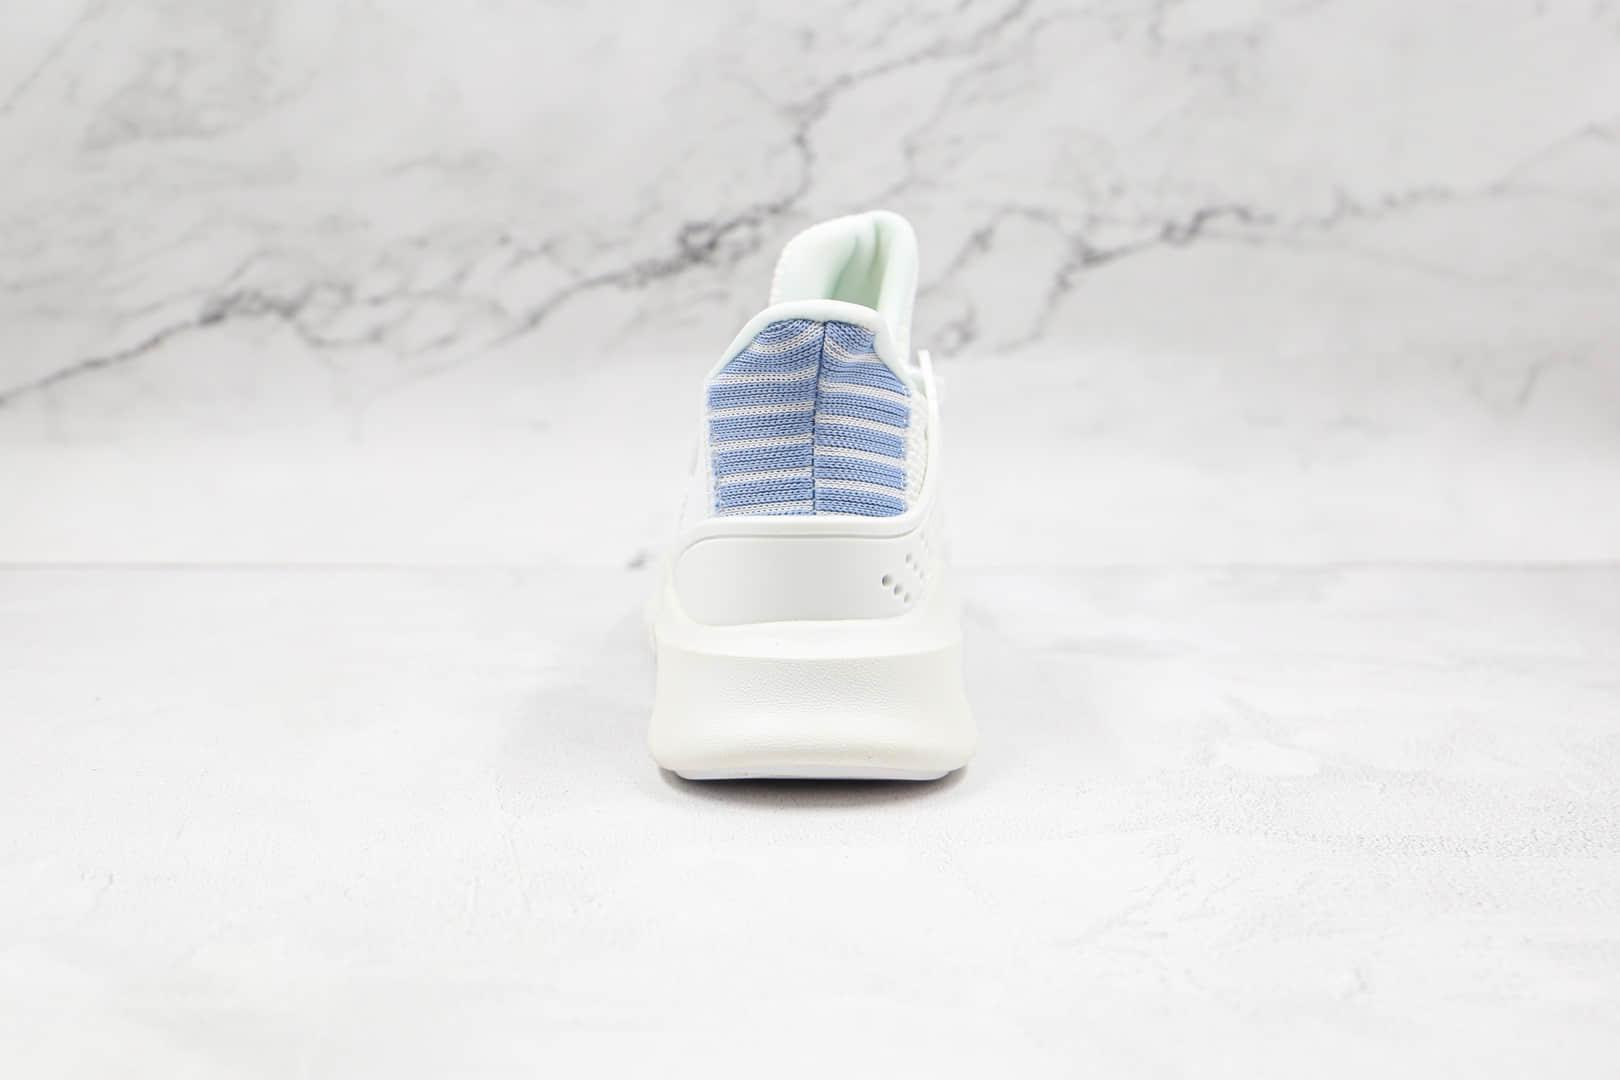 阿迪达斯Adidas EQT BASK ADV纯原版本三叶草支撑者系列白蓝色针织EQT慢跑鞋原档案数据开发 货号:AC7354